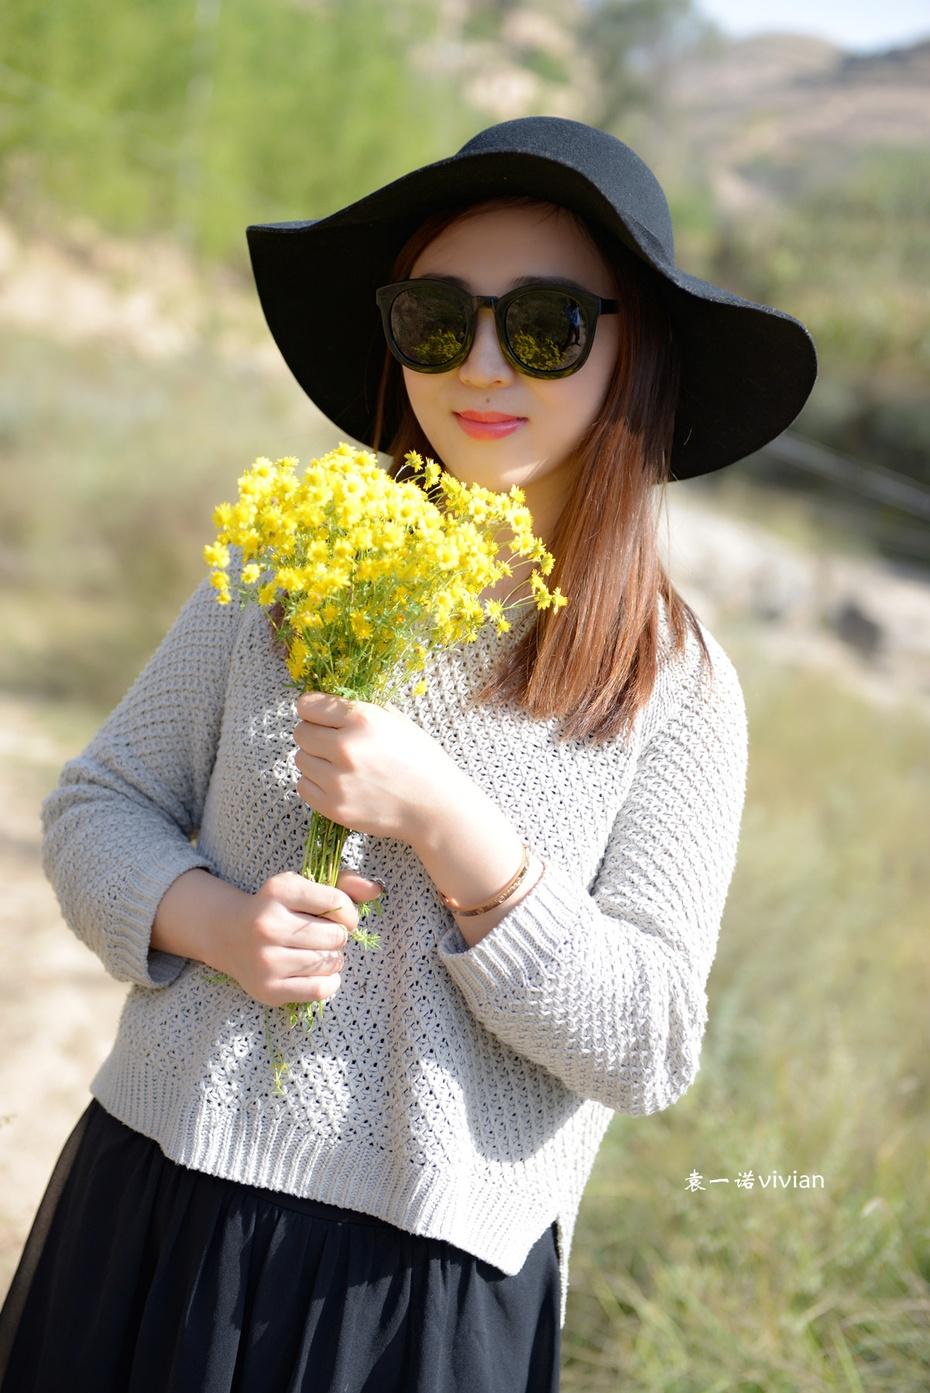 【袁一诺vivian】故事里的小黄花,初春搭 - 小一 - 袁一诺vivian